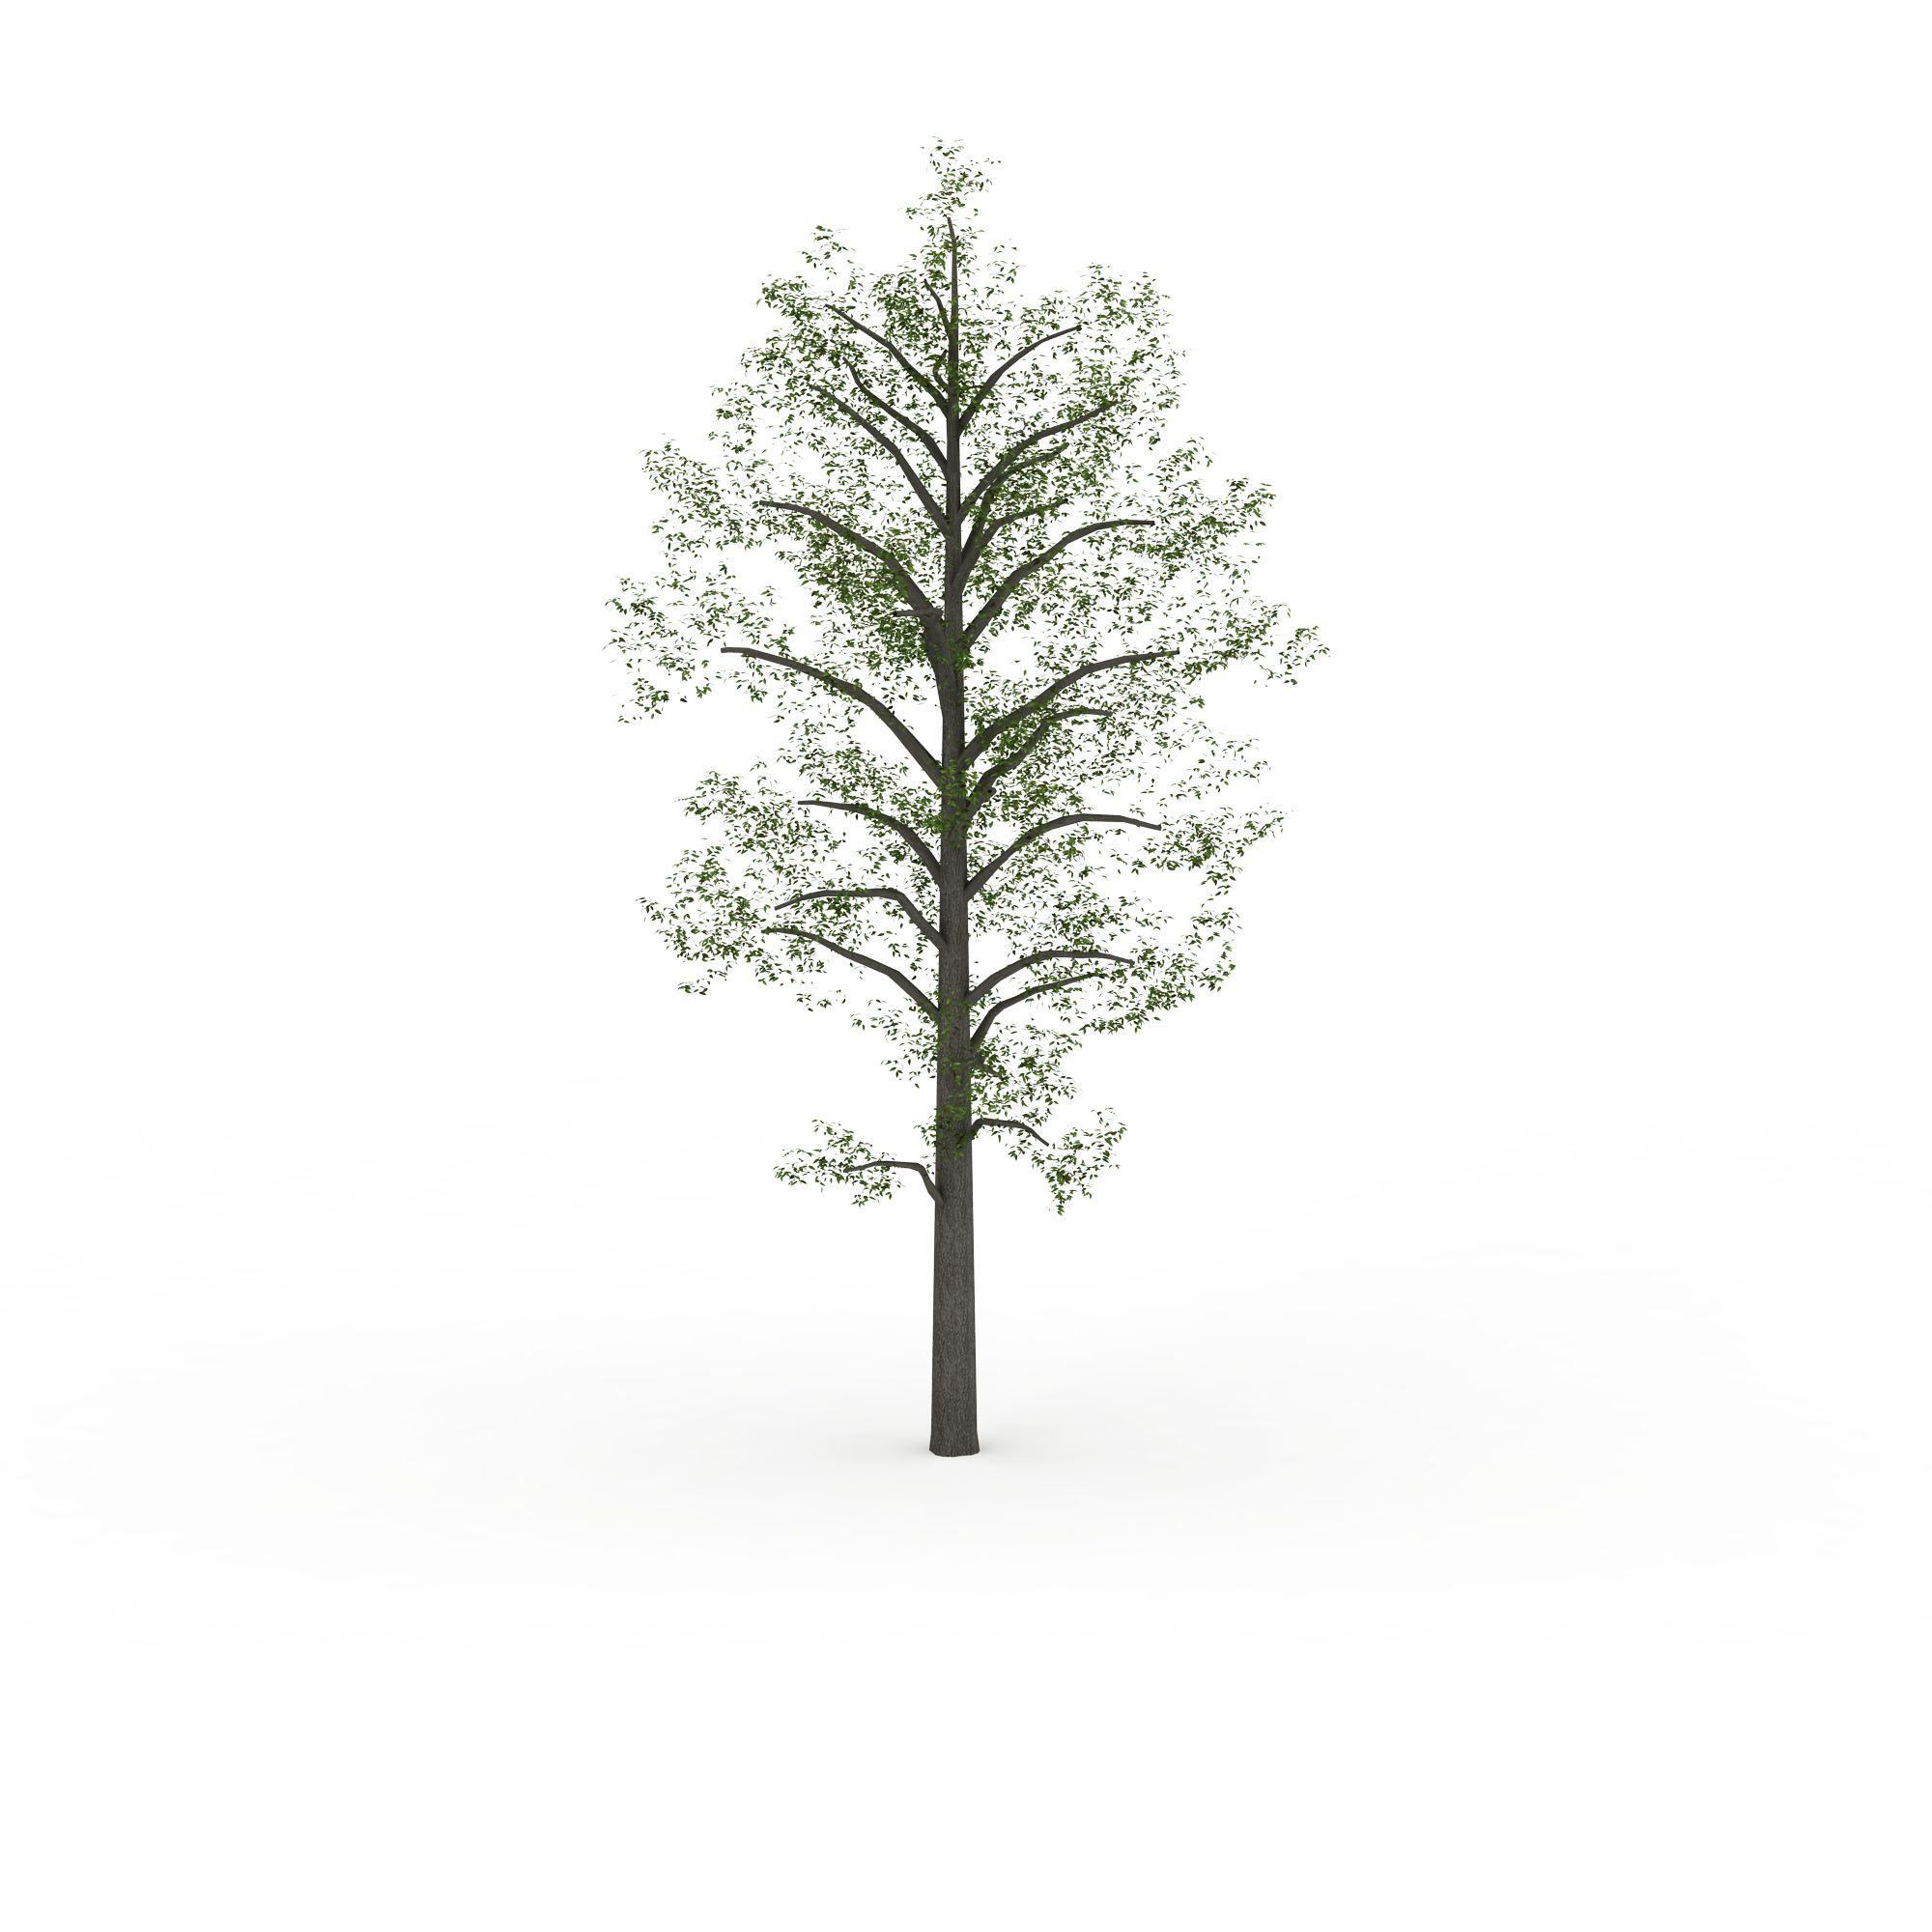 公园树图片_公园树png图片素材_公园树png高清图下载